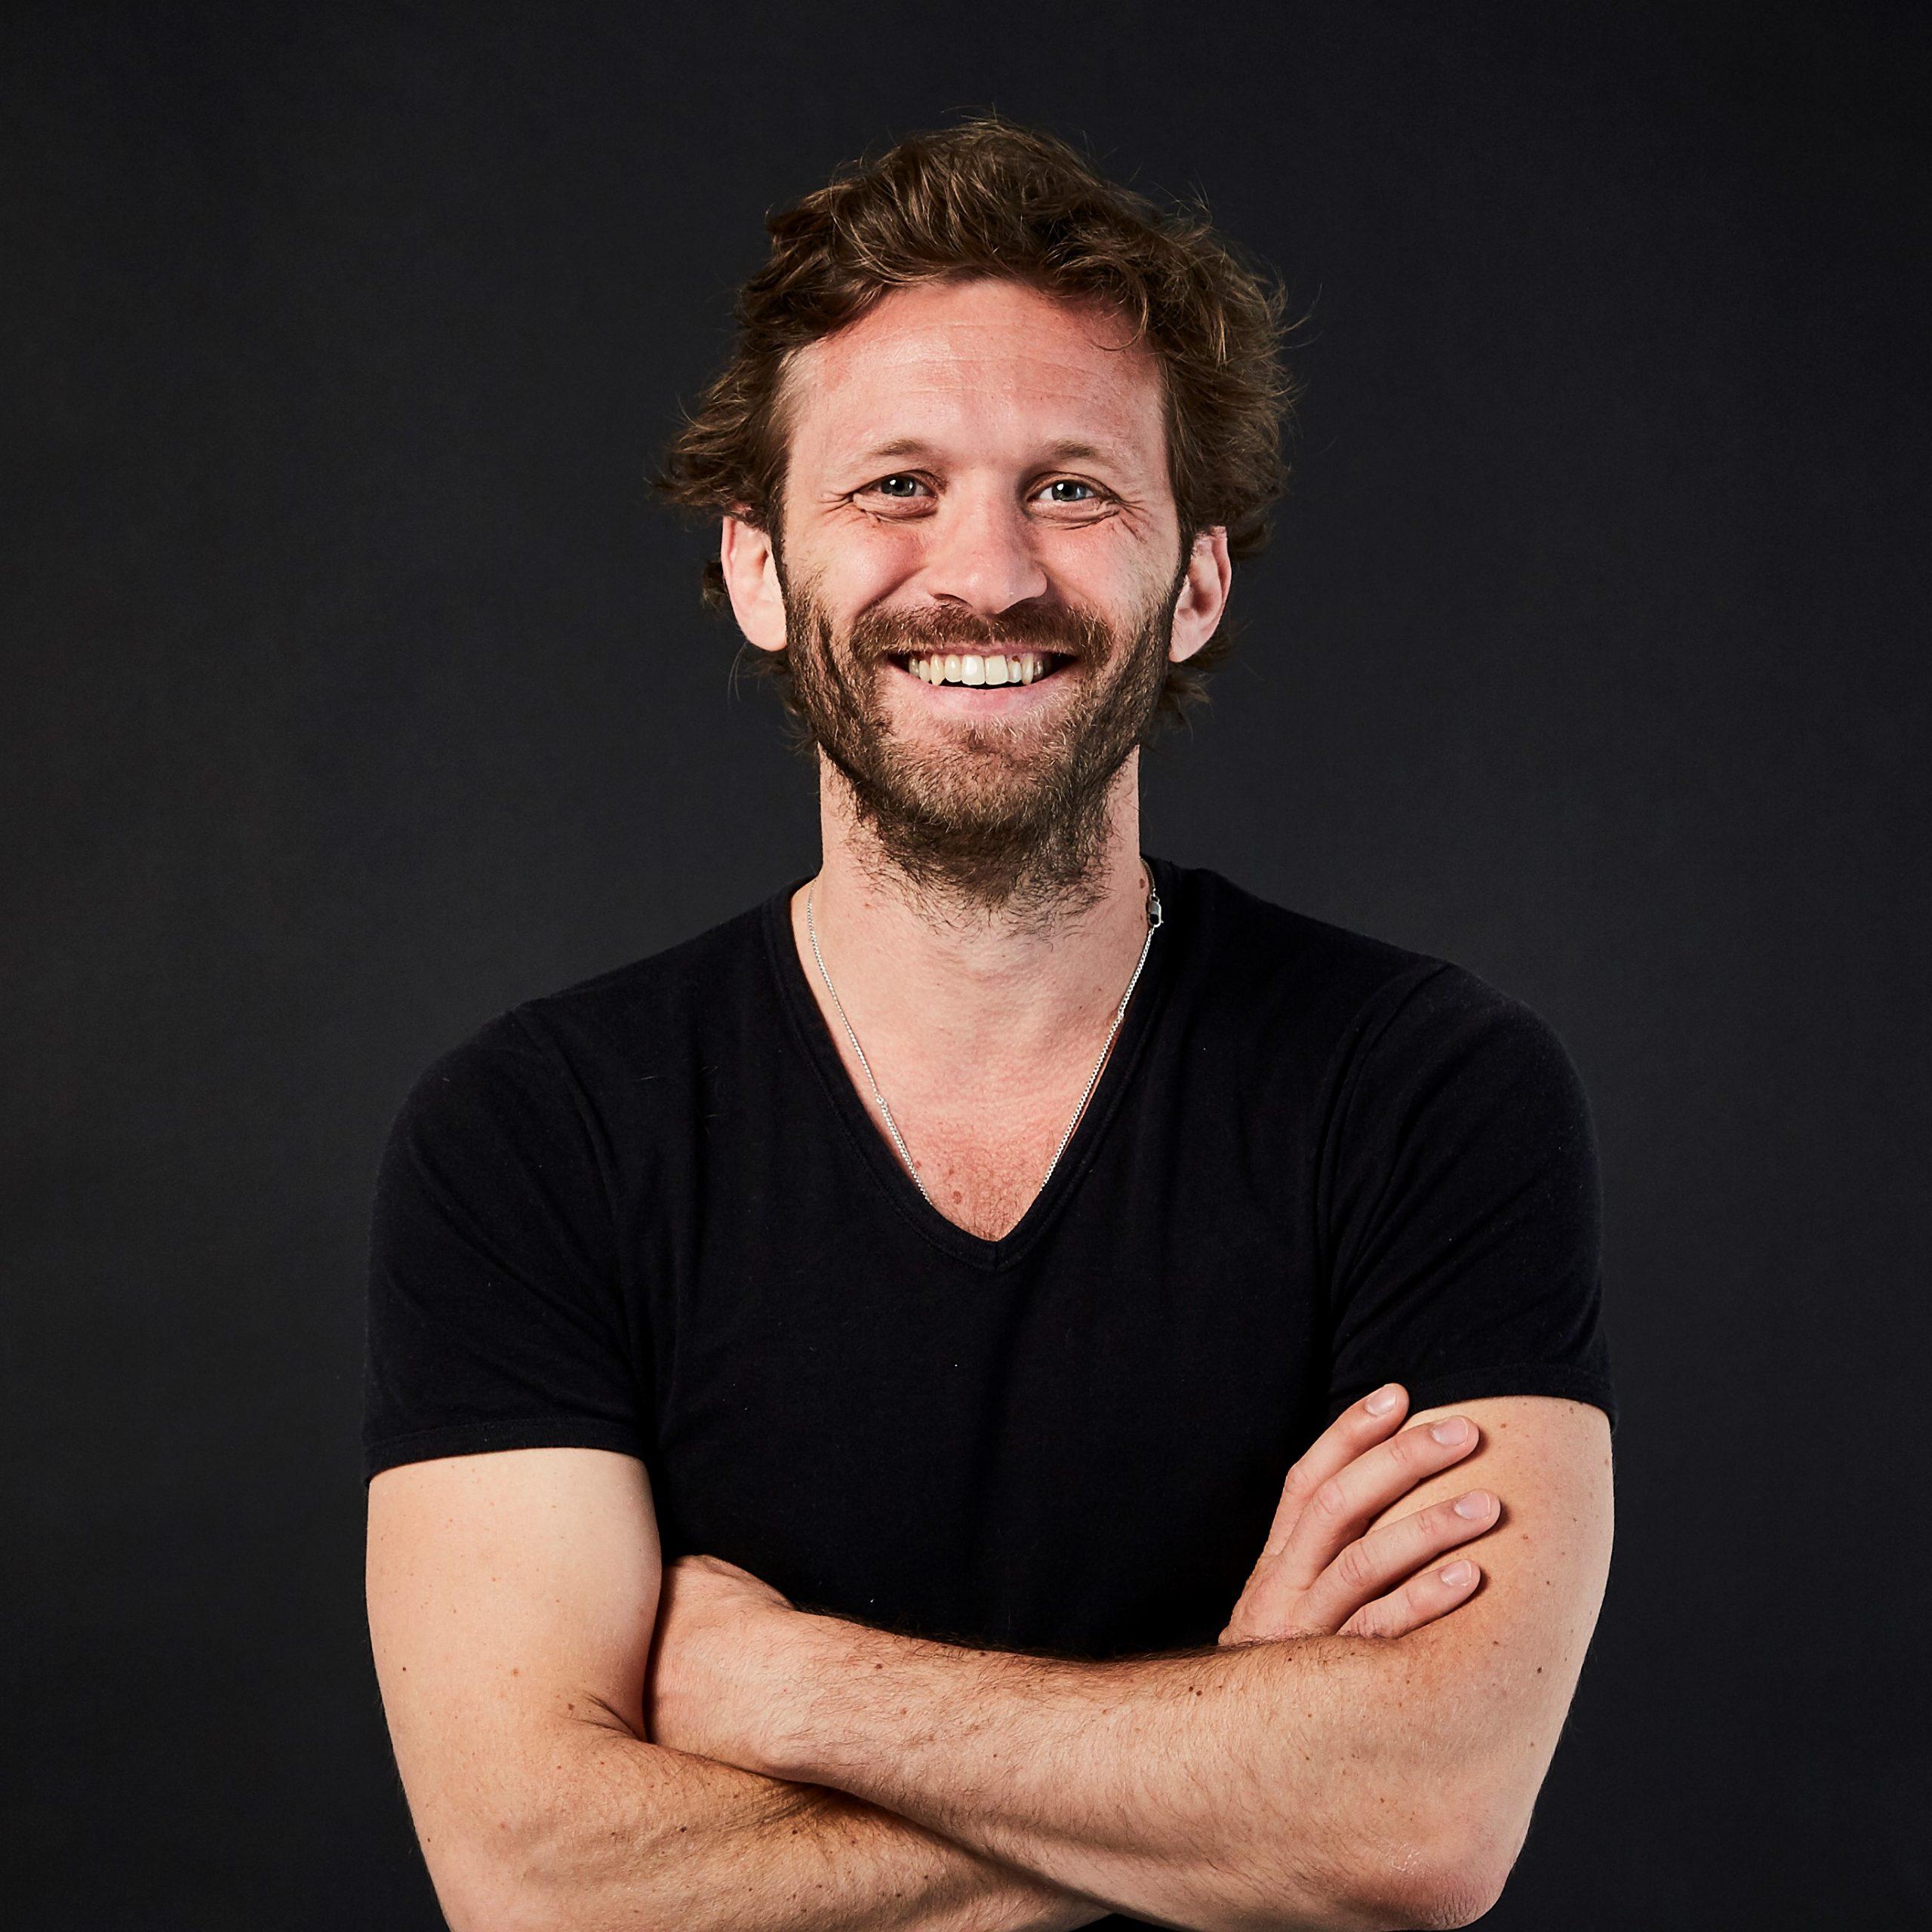 Morgan Franck